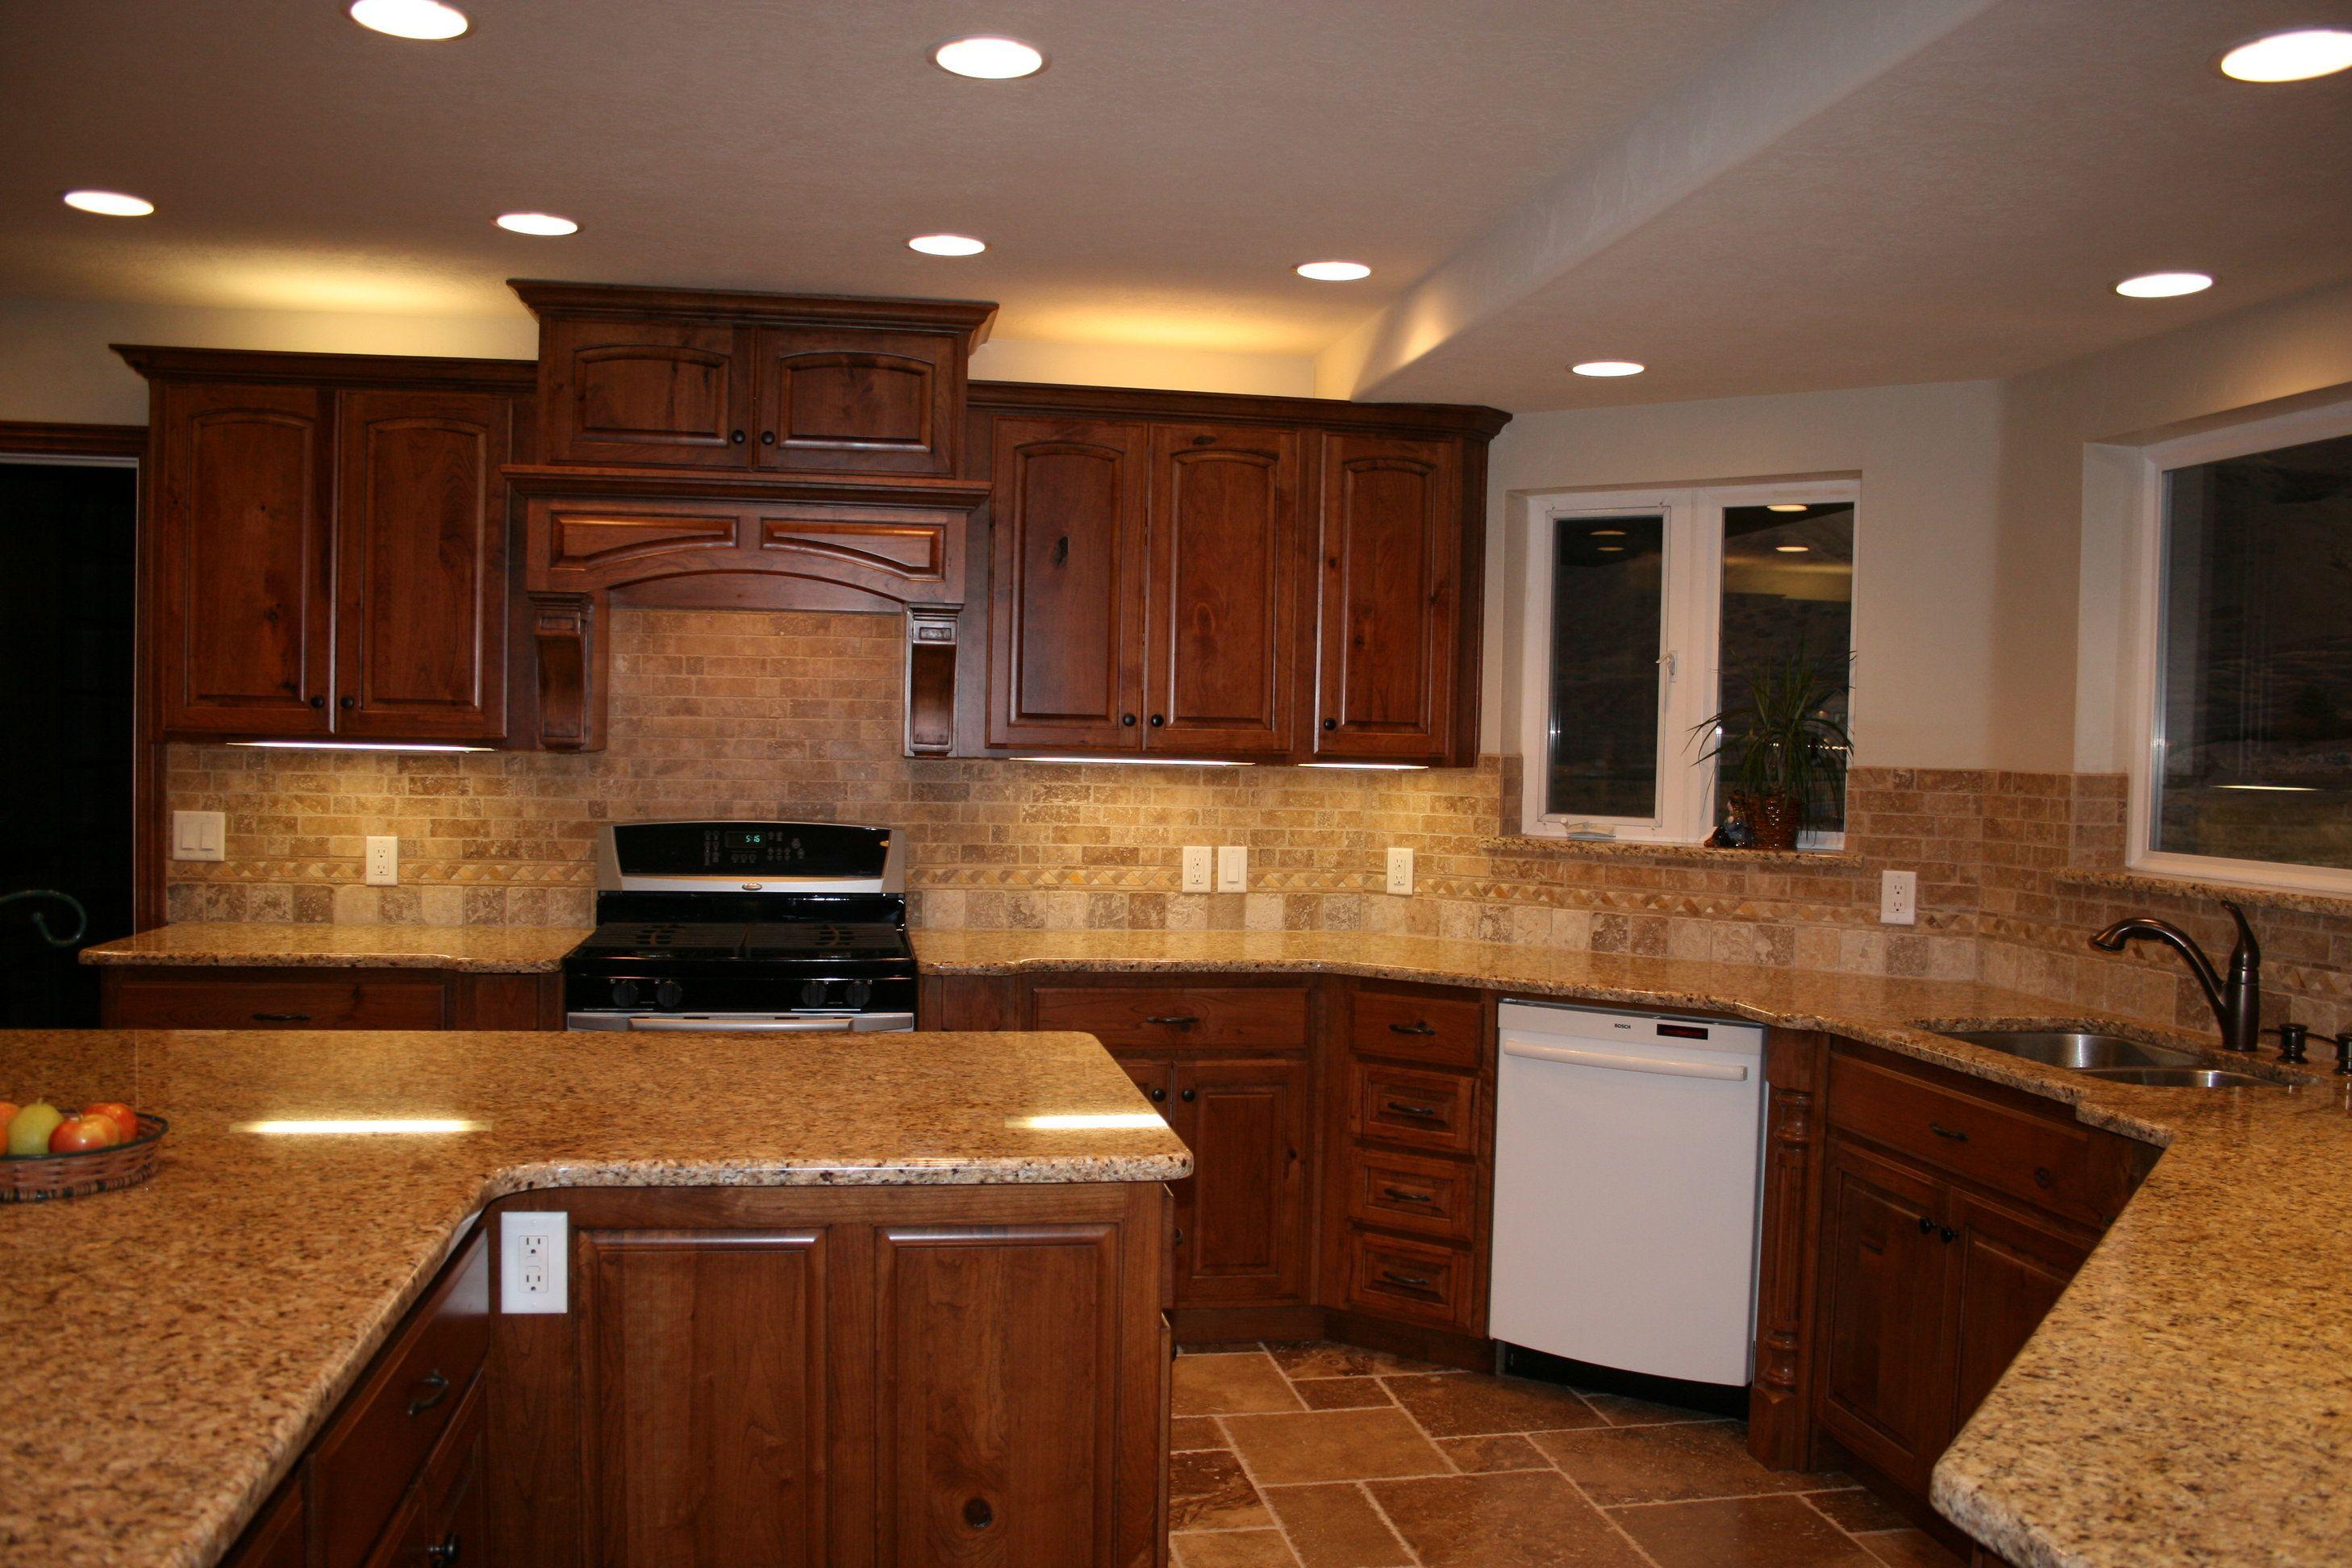 Kitchen: The Stunning Kitchen Design With Kitchen ...